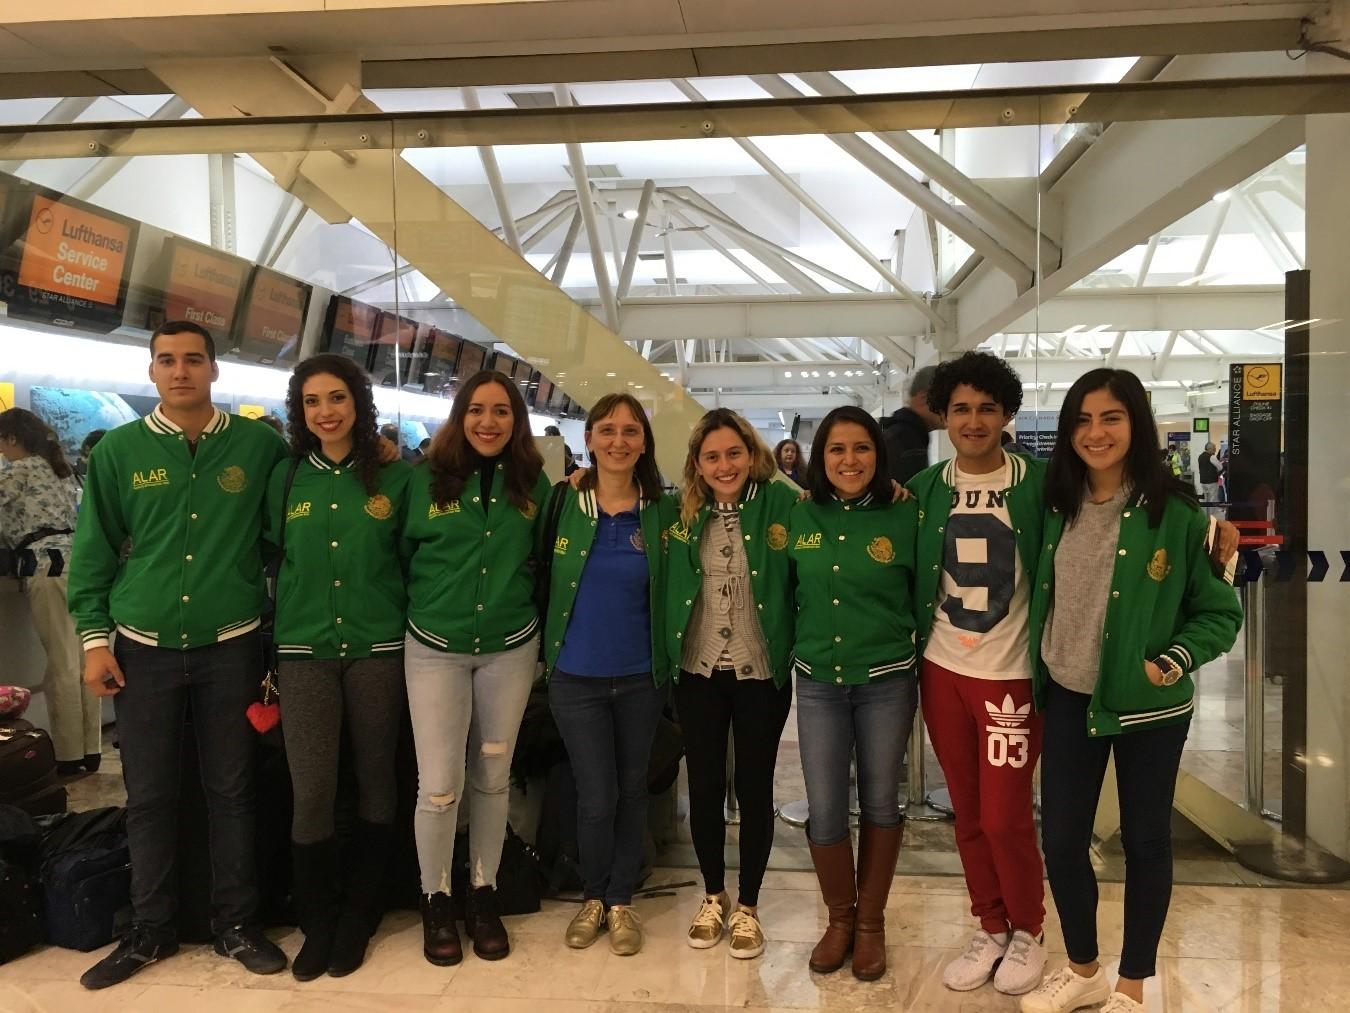 Siguiente parada: Rusia. Estudiantes mexicanos viajan en septiembre 2017